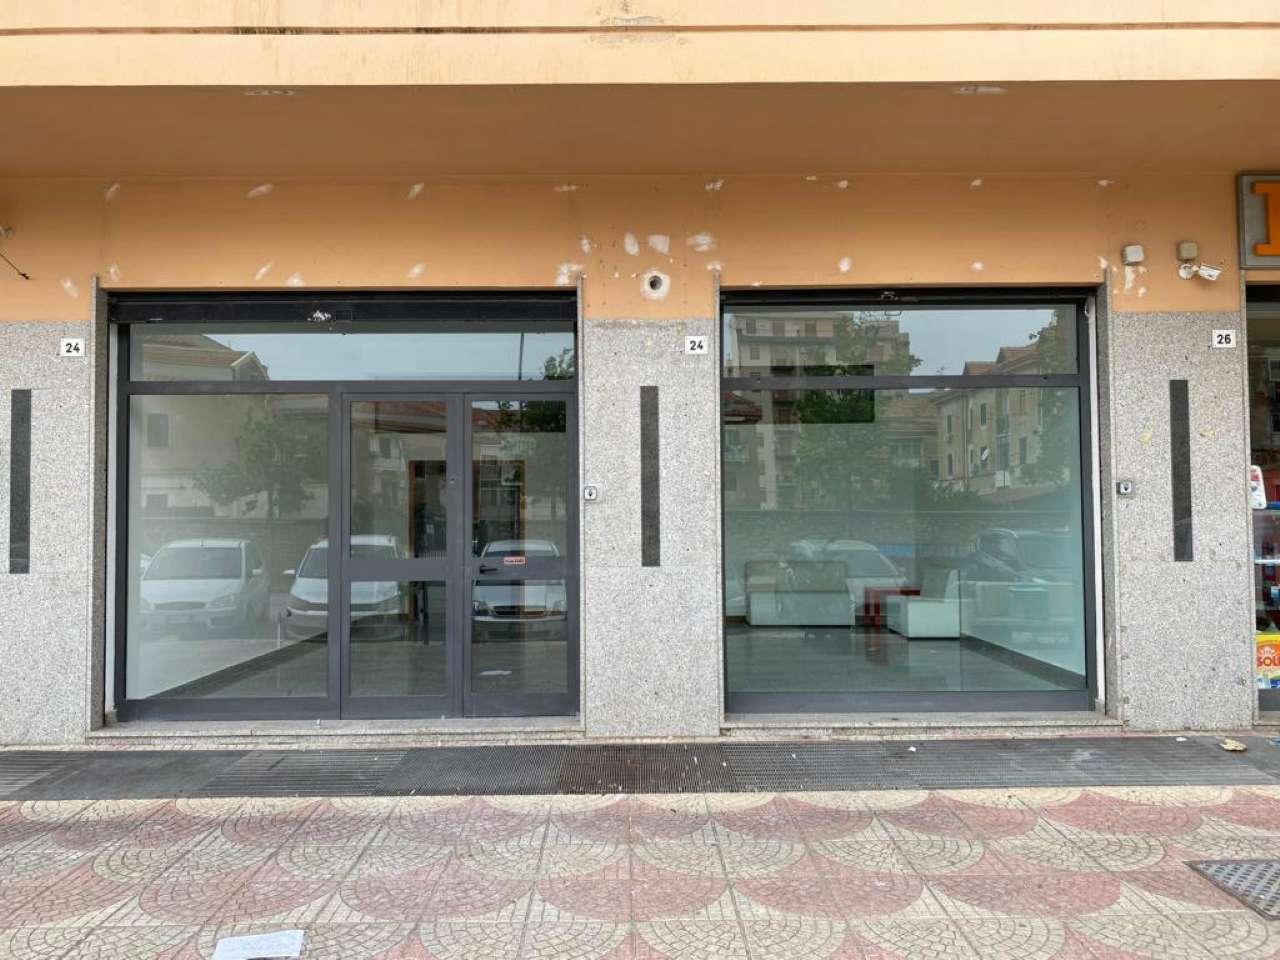 Negozio-locale in Affitto a Palermo: 2 locali, 230 mq